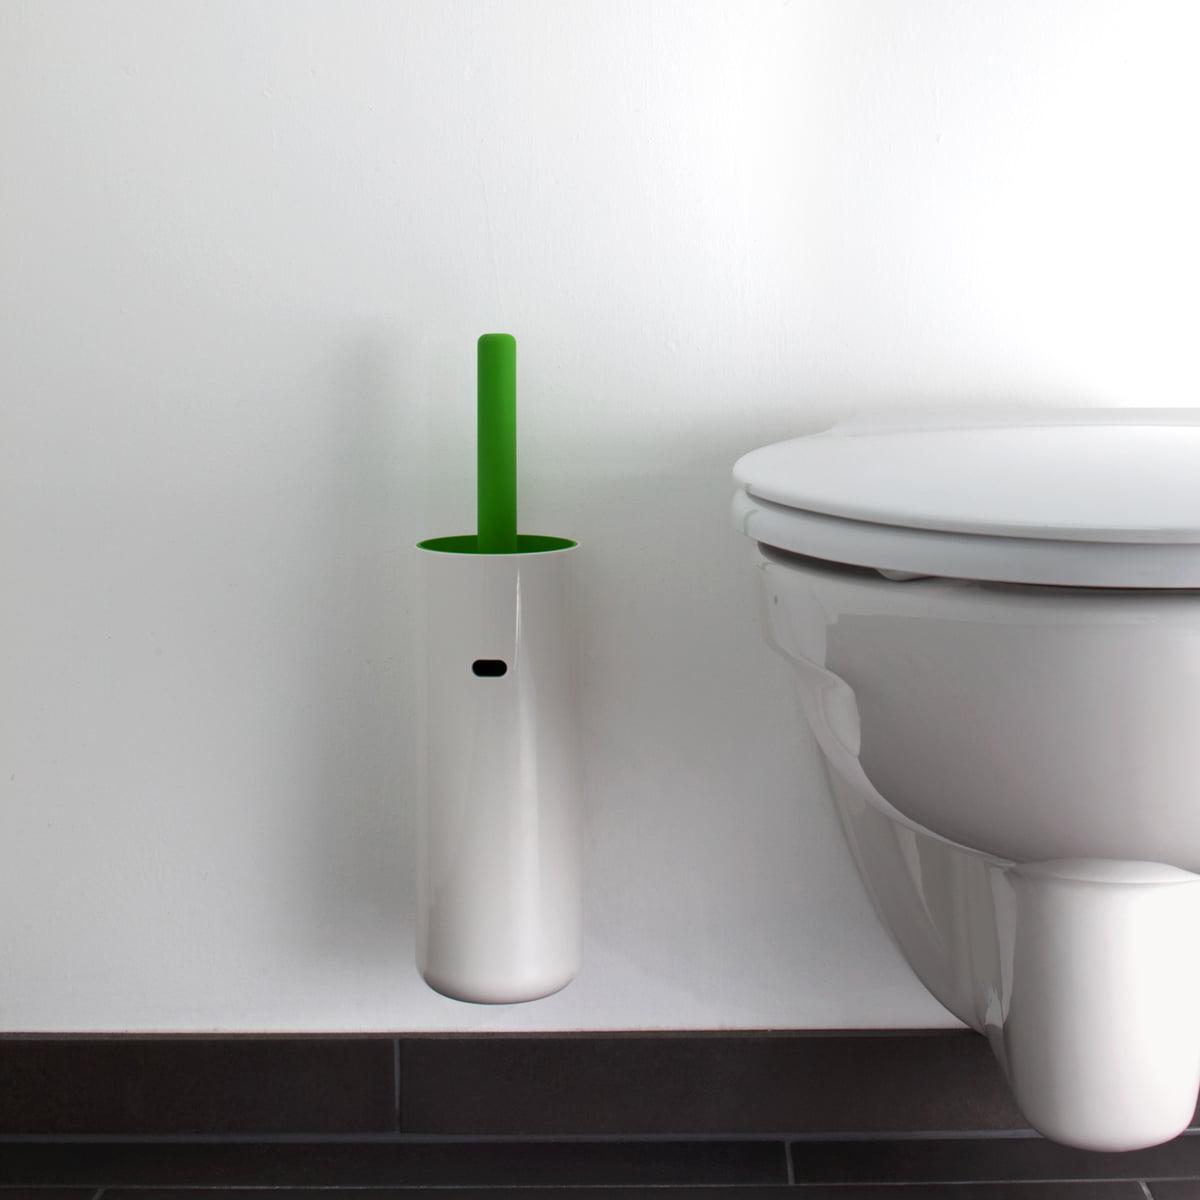 Depot4Design - Lunar WC-Bürste wandhängend| weiß / schwarz | Bad > Bad-Accessoires > WC-Bürsten | Depot4Design